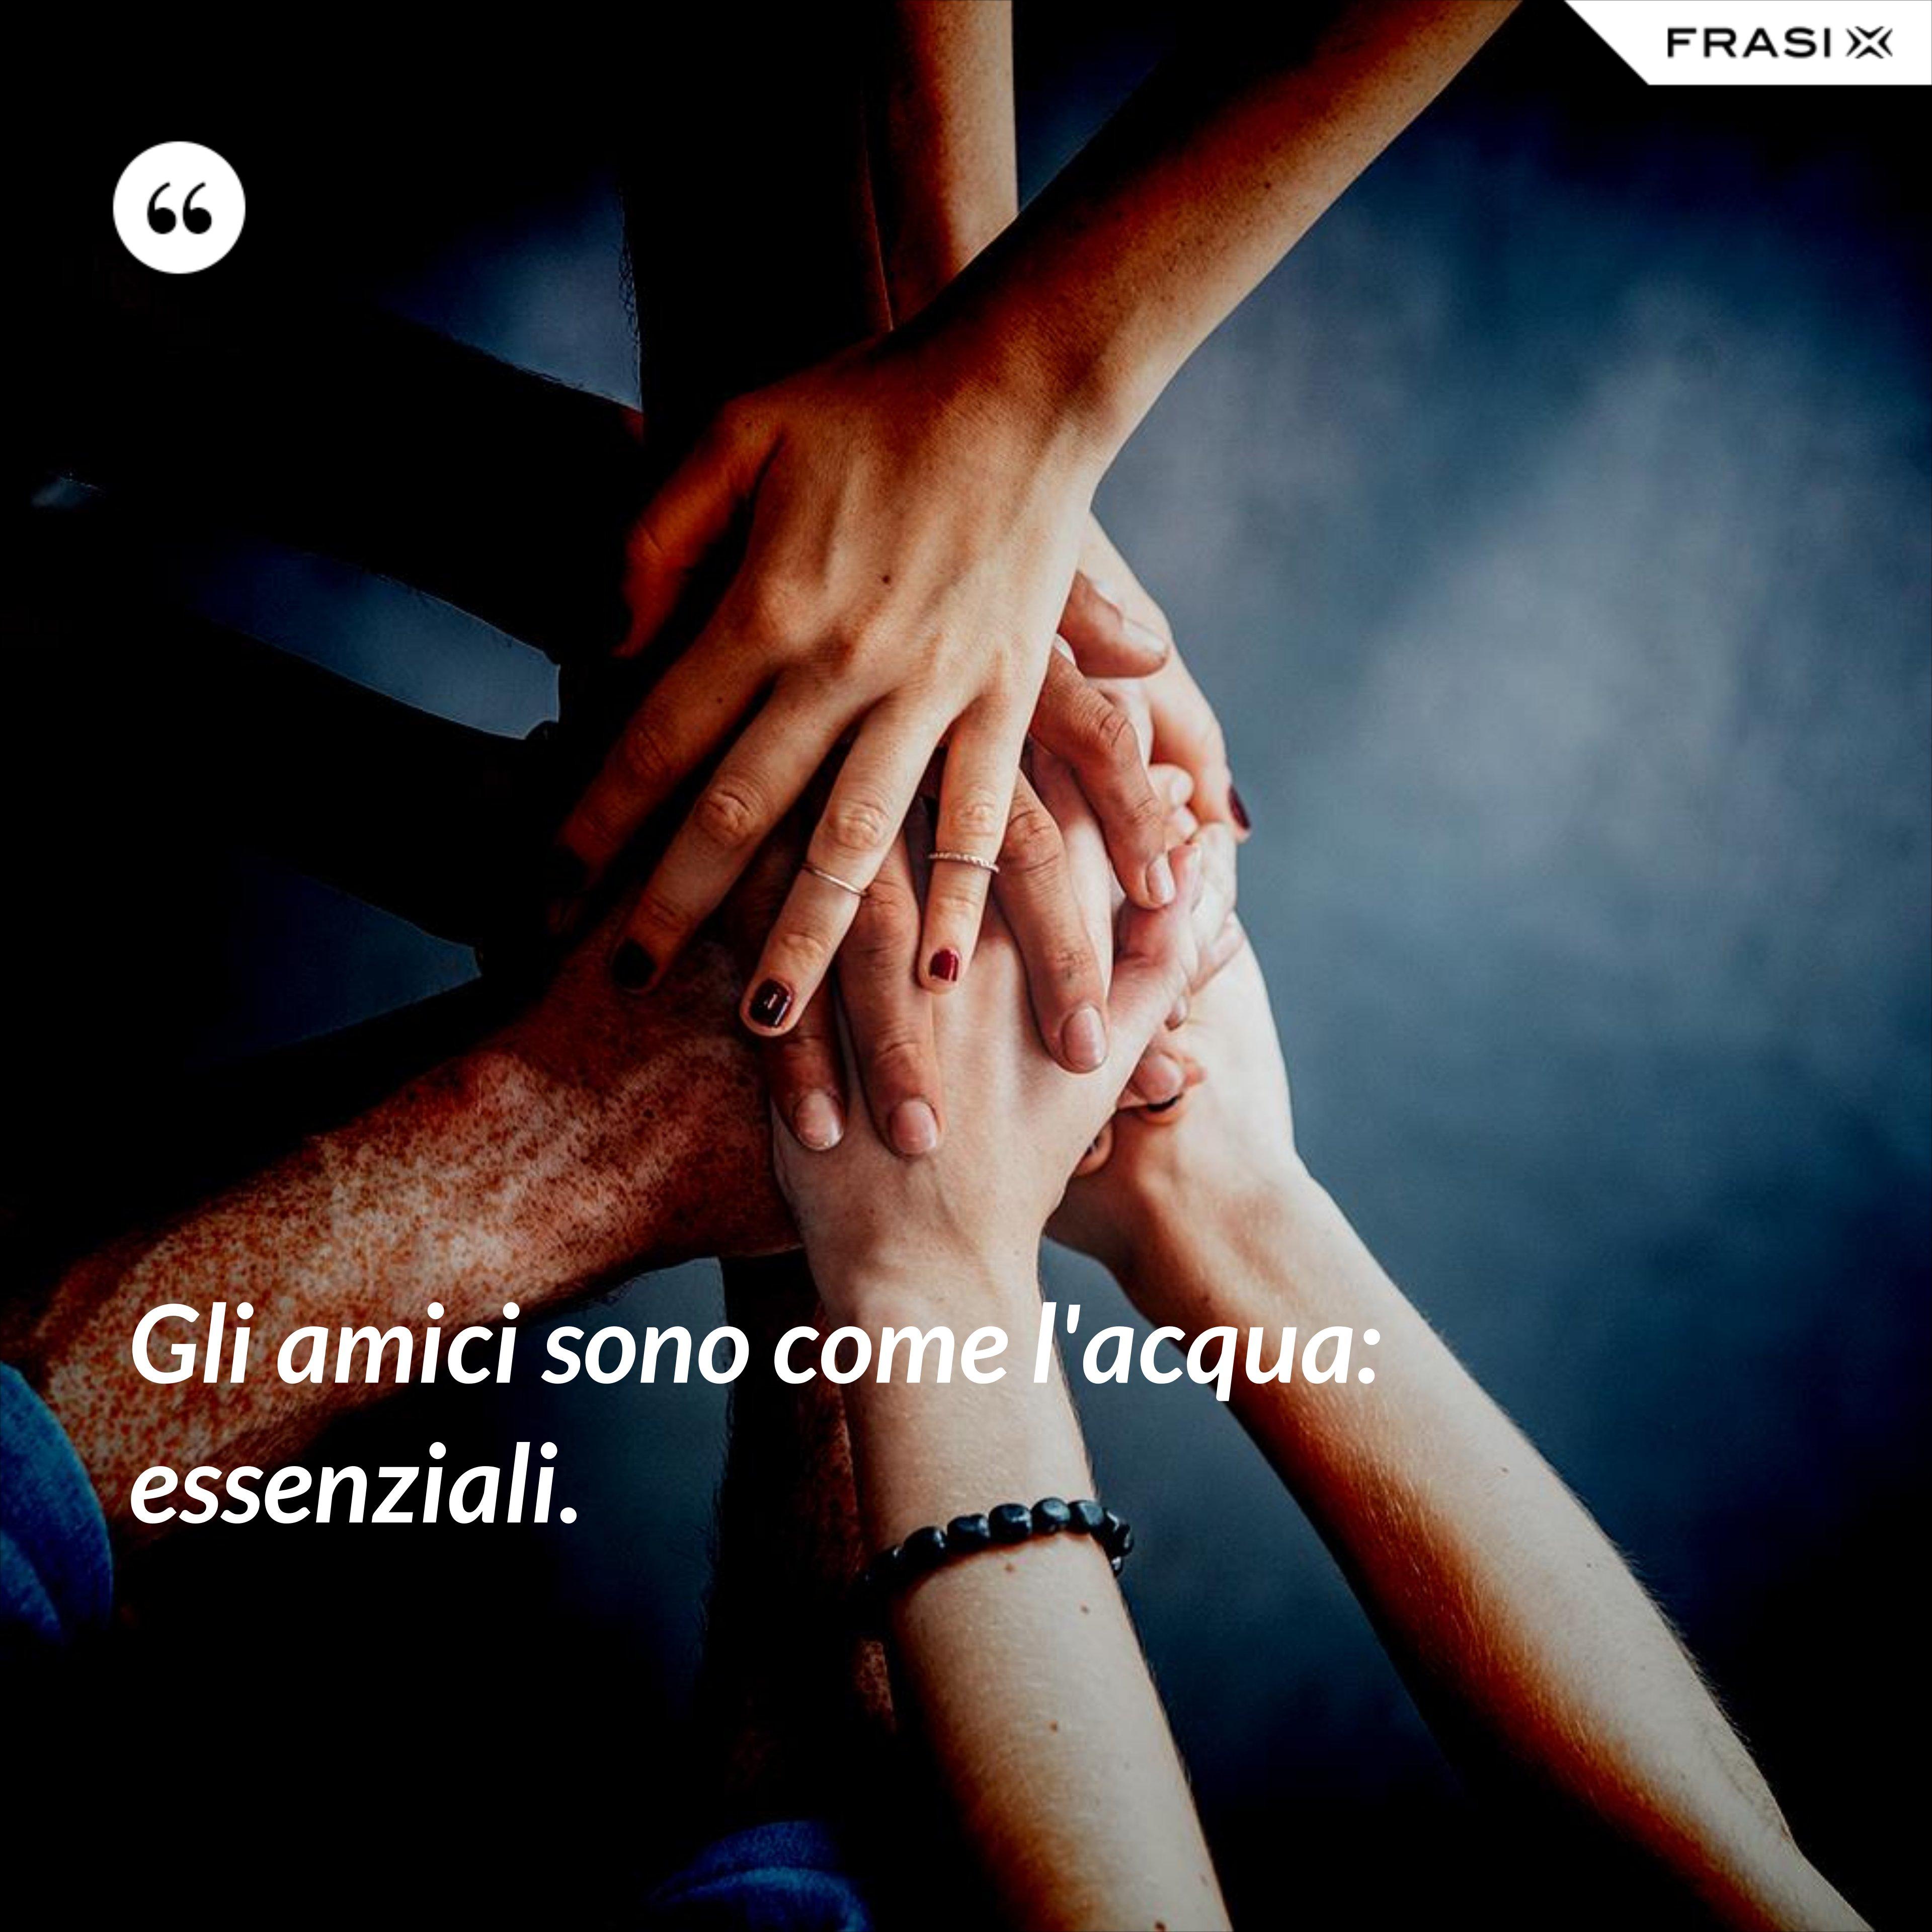 Gli amici sono come l'acqua: essenziali. - Anonimo